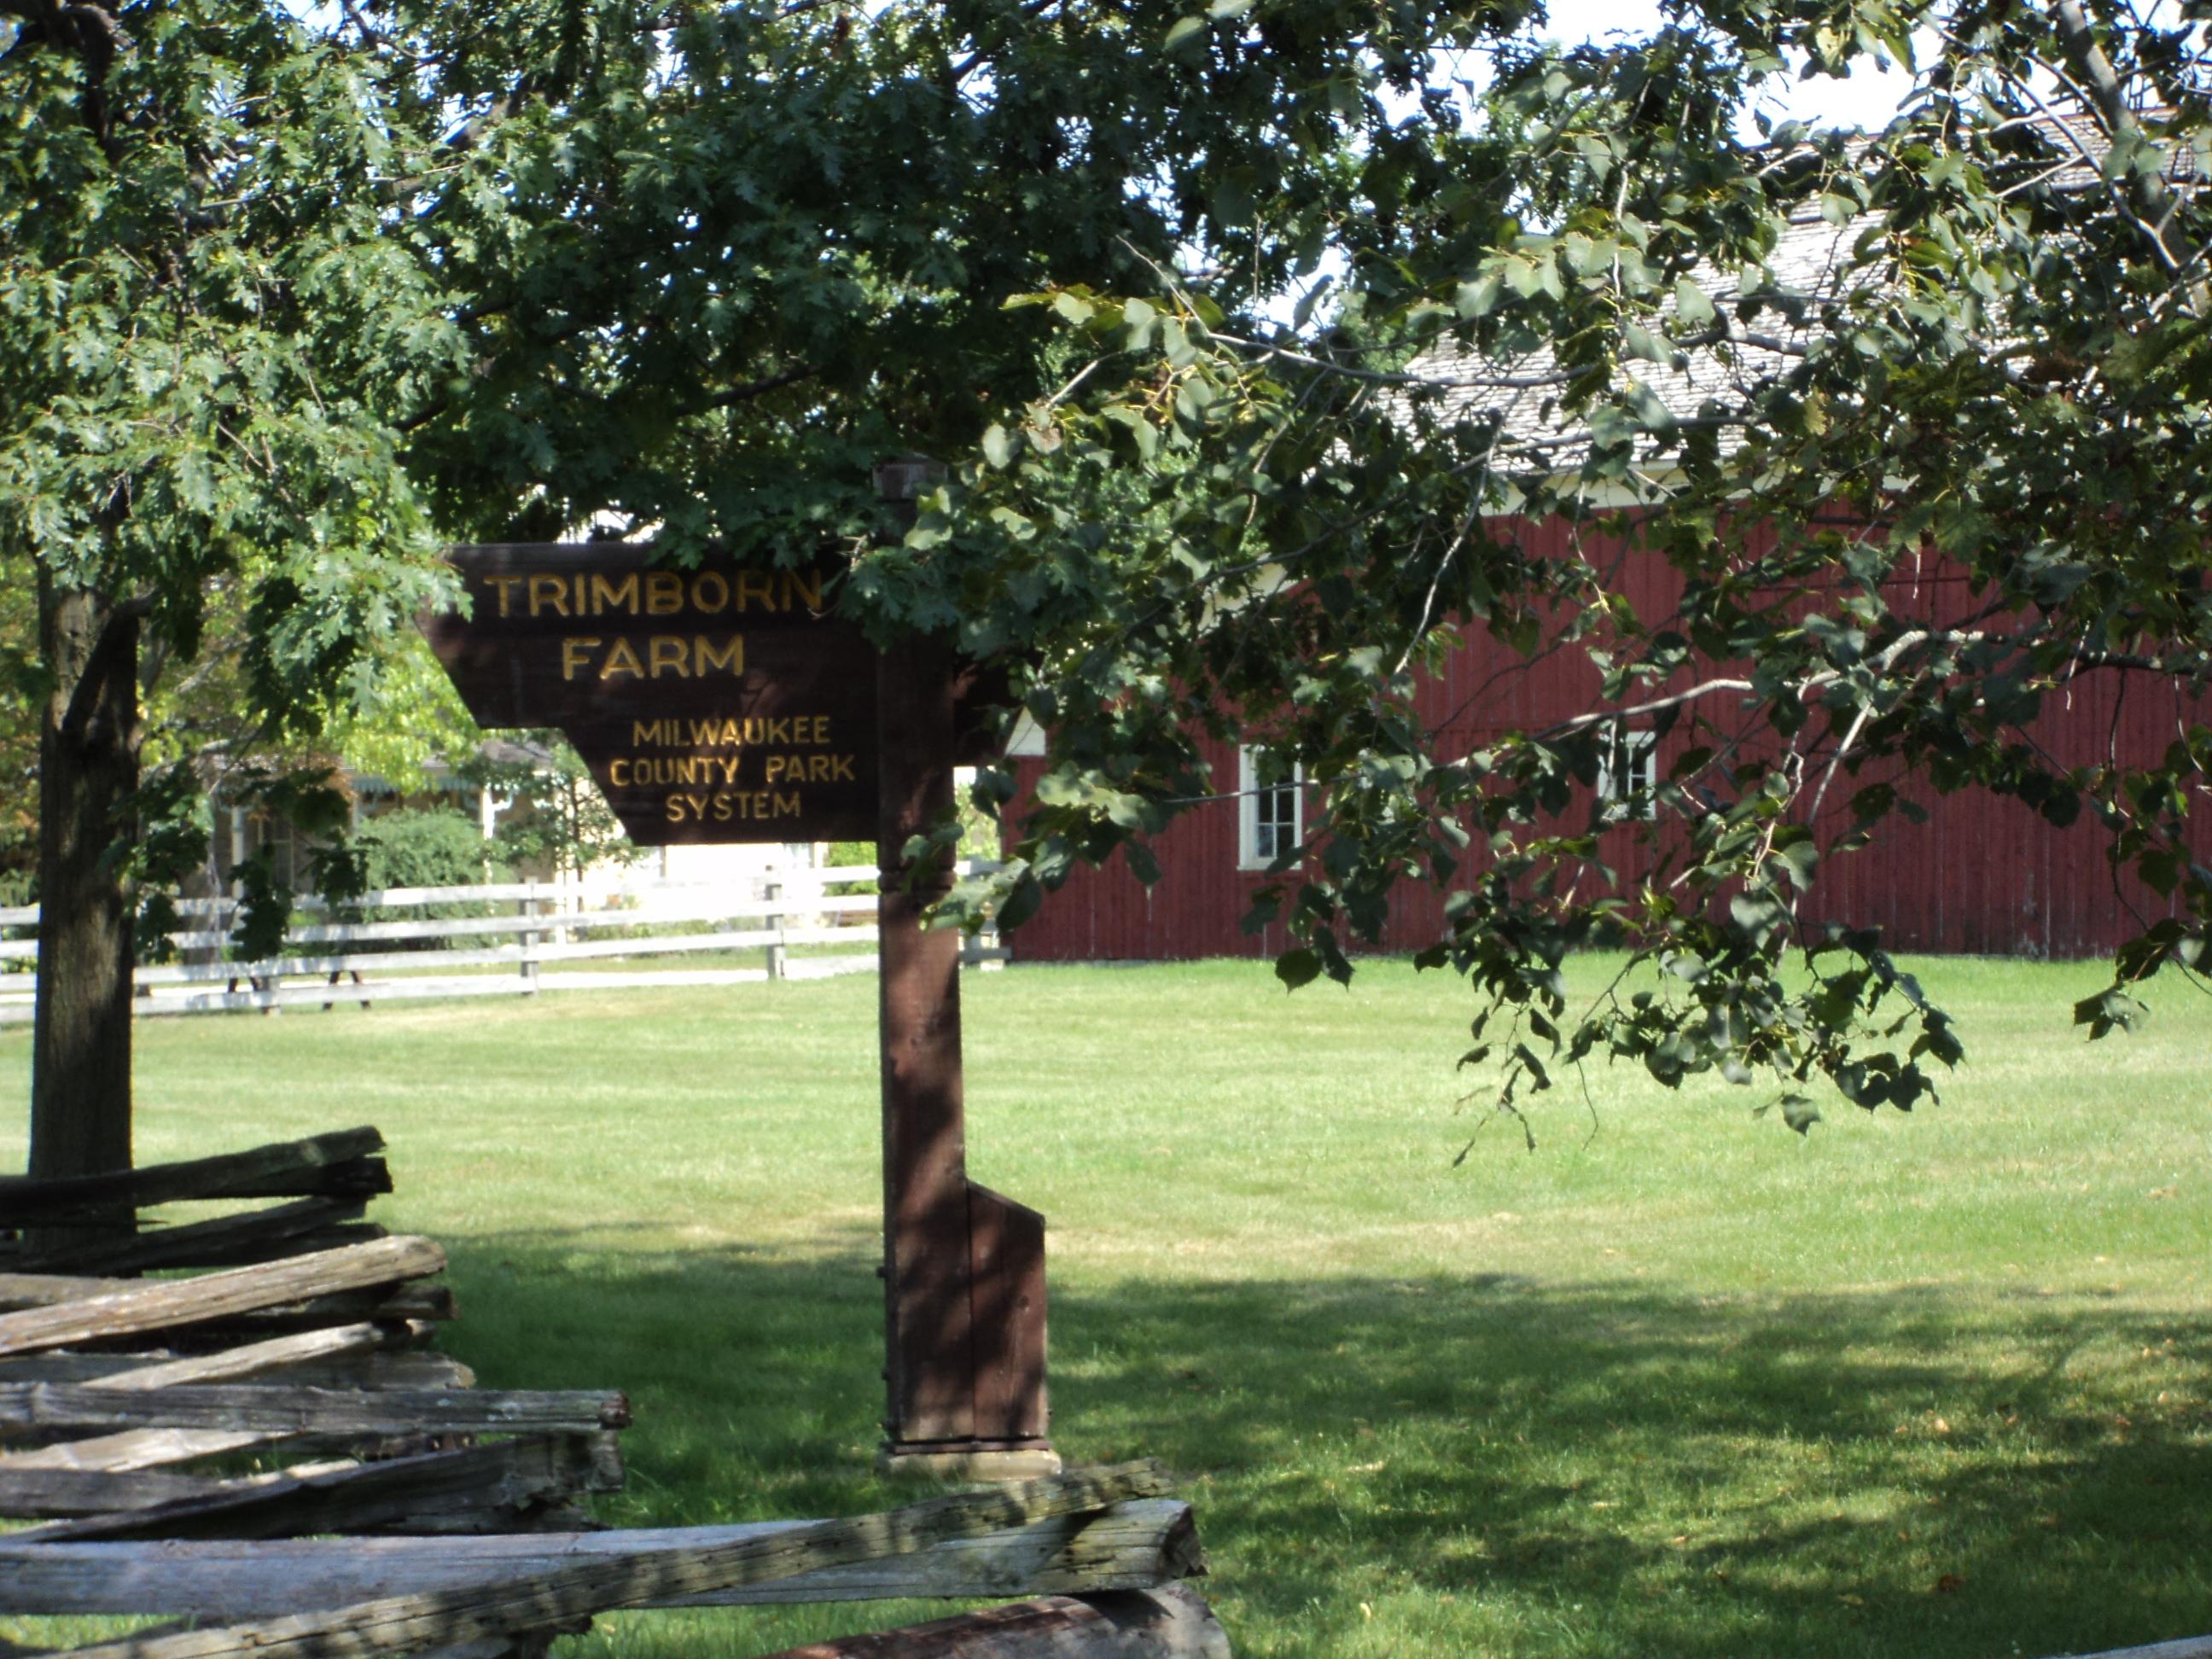 Trimborne Farm